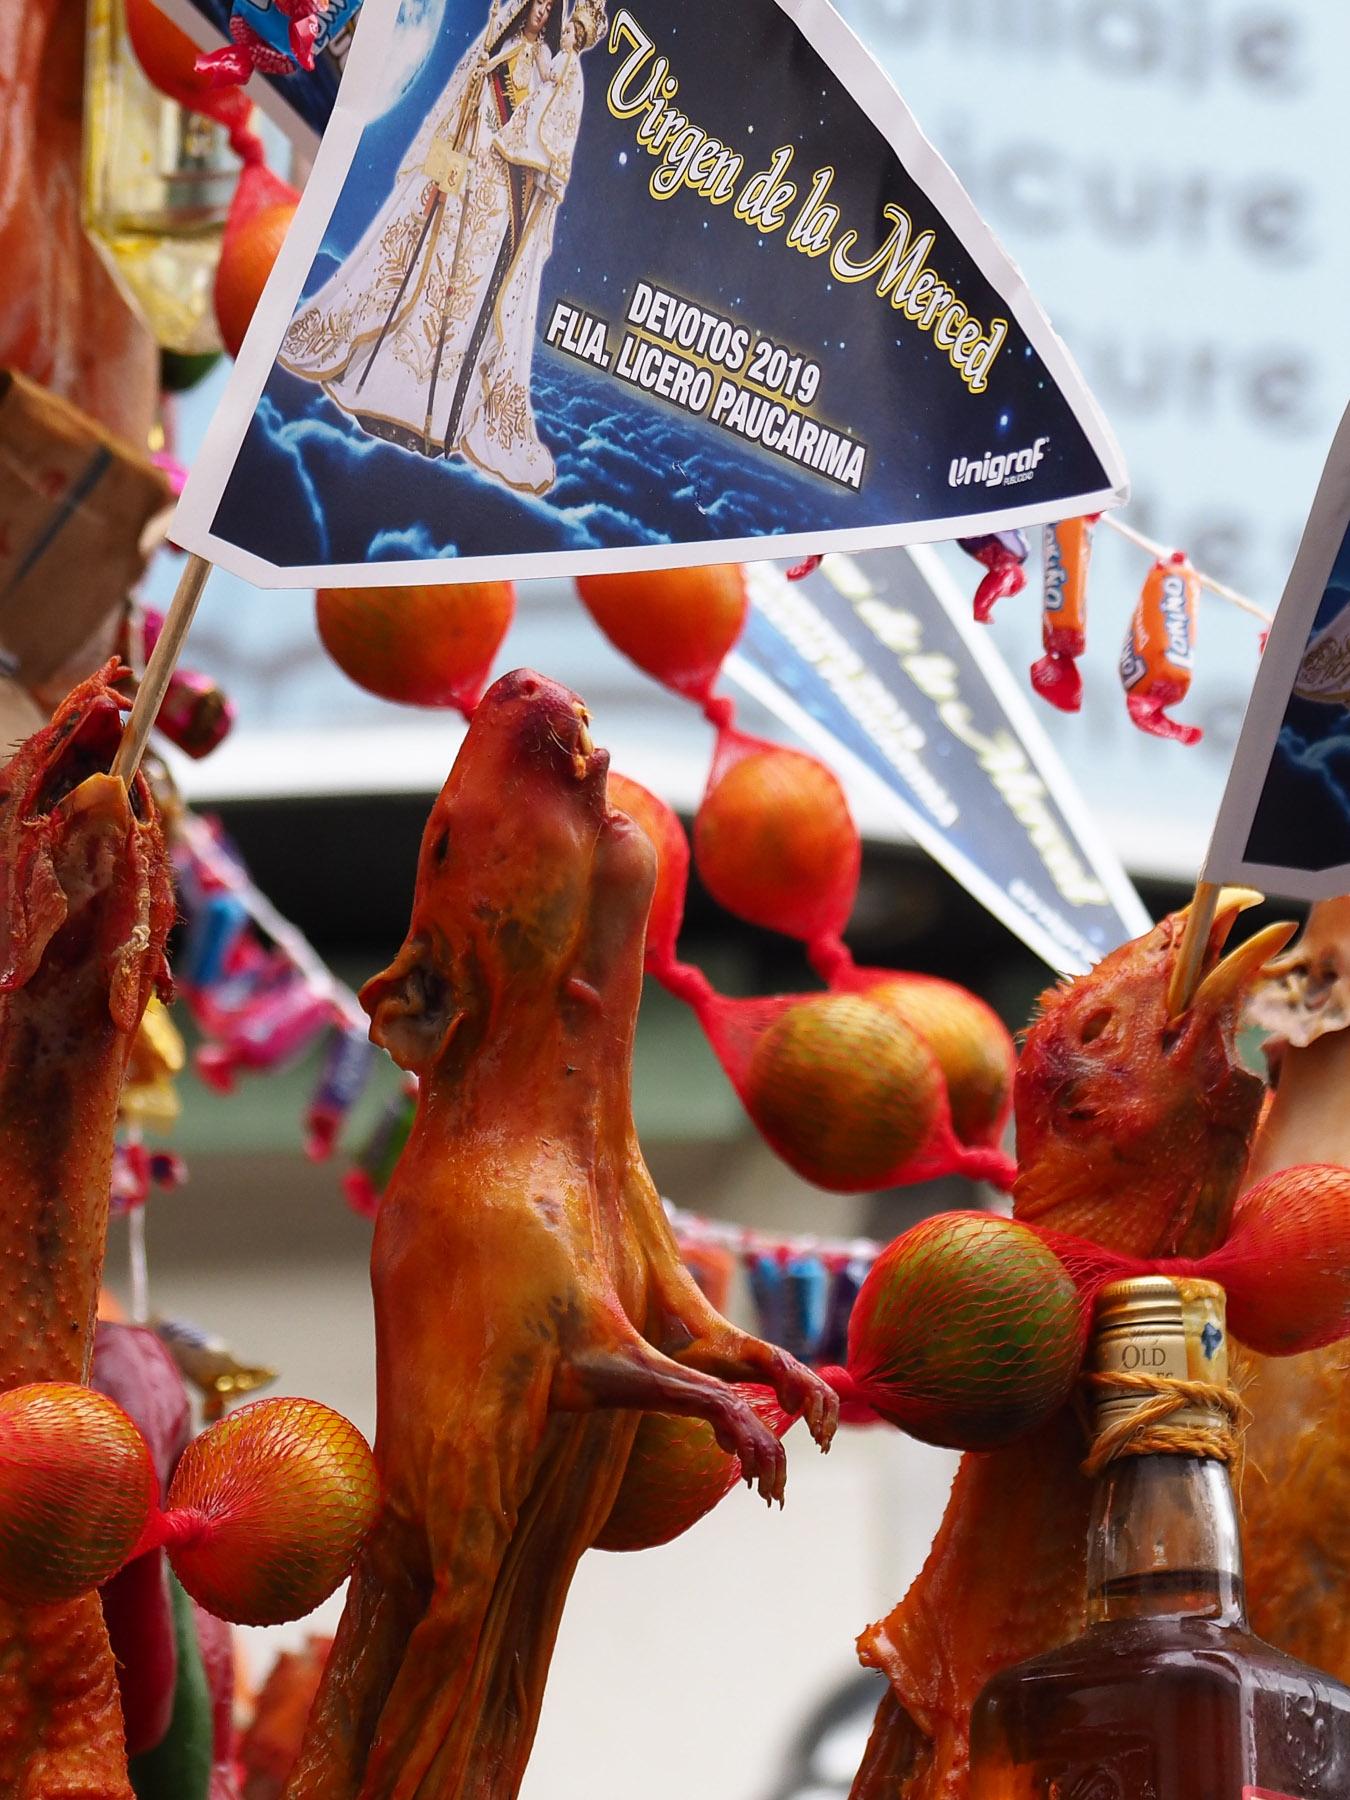 Garnitur aus Meerschweinchen und Geflügel für die Virgen de la Merced